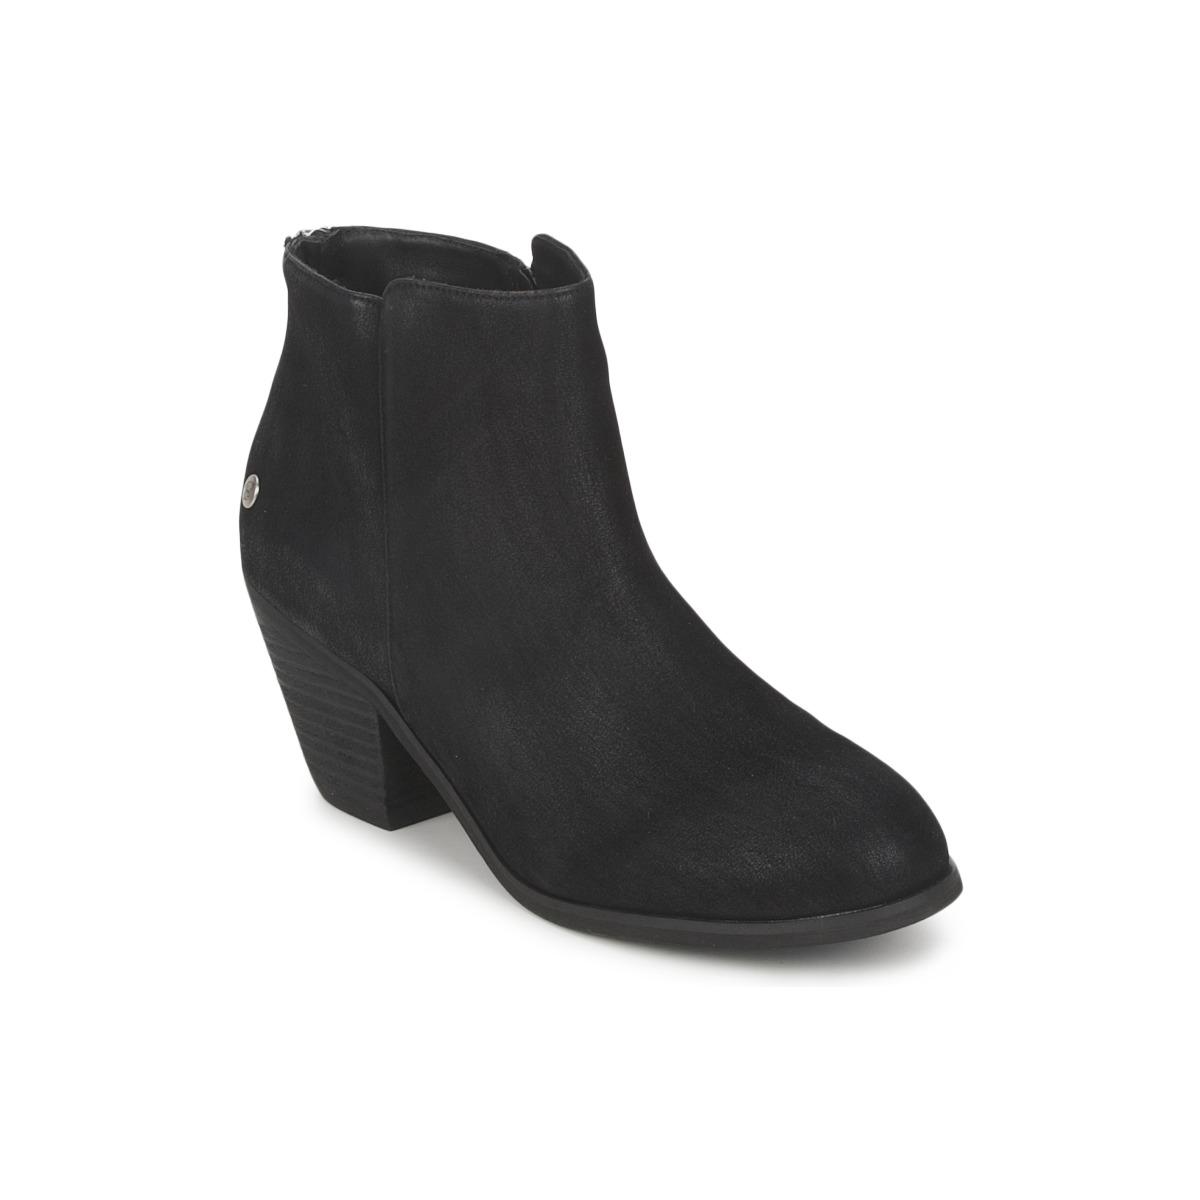 Blink MARA Schwarz - Kostenloser Versand bei Spartoode ! - Schuhe Low Boots Damen 32,00 €